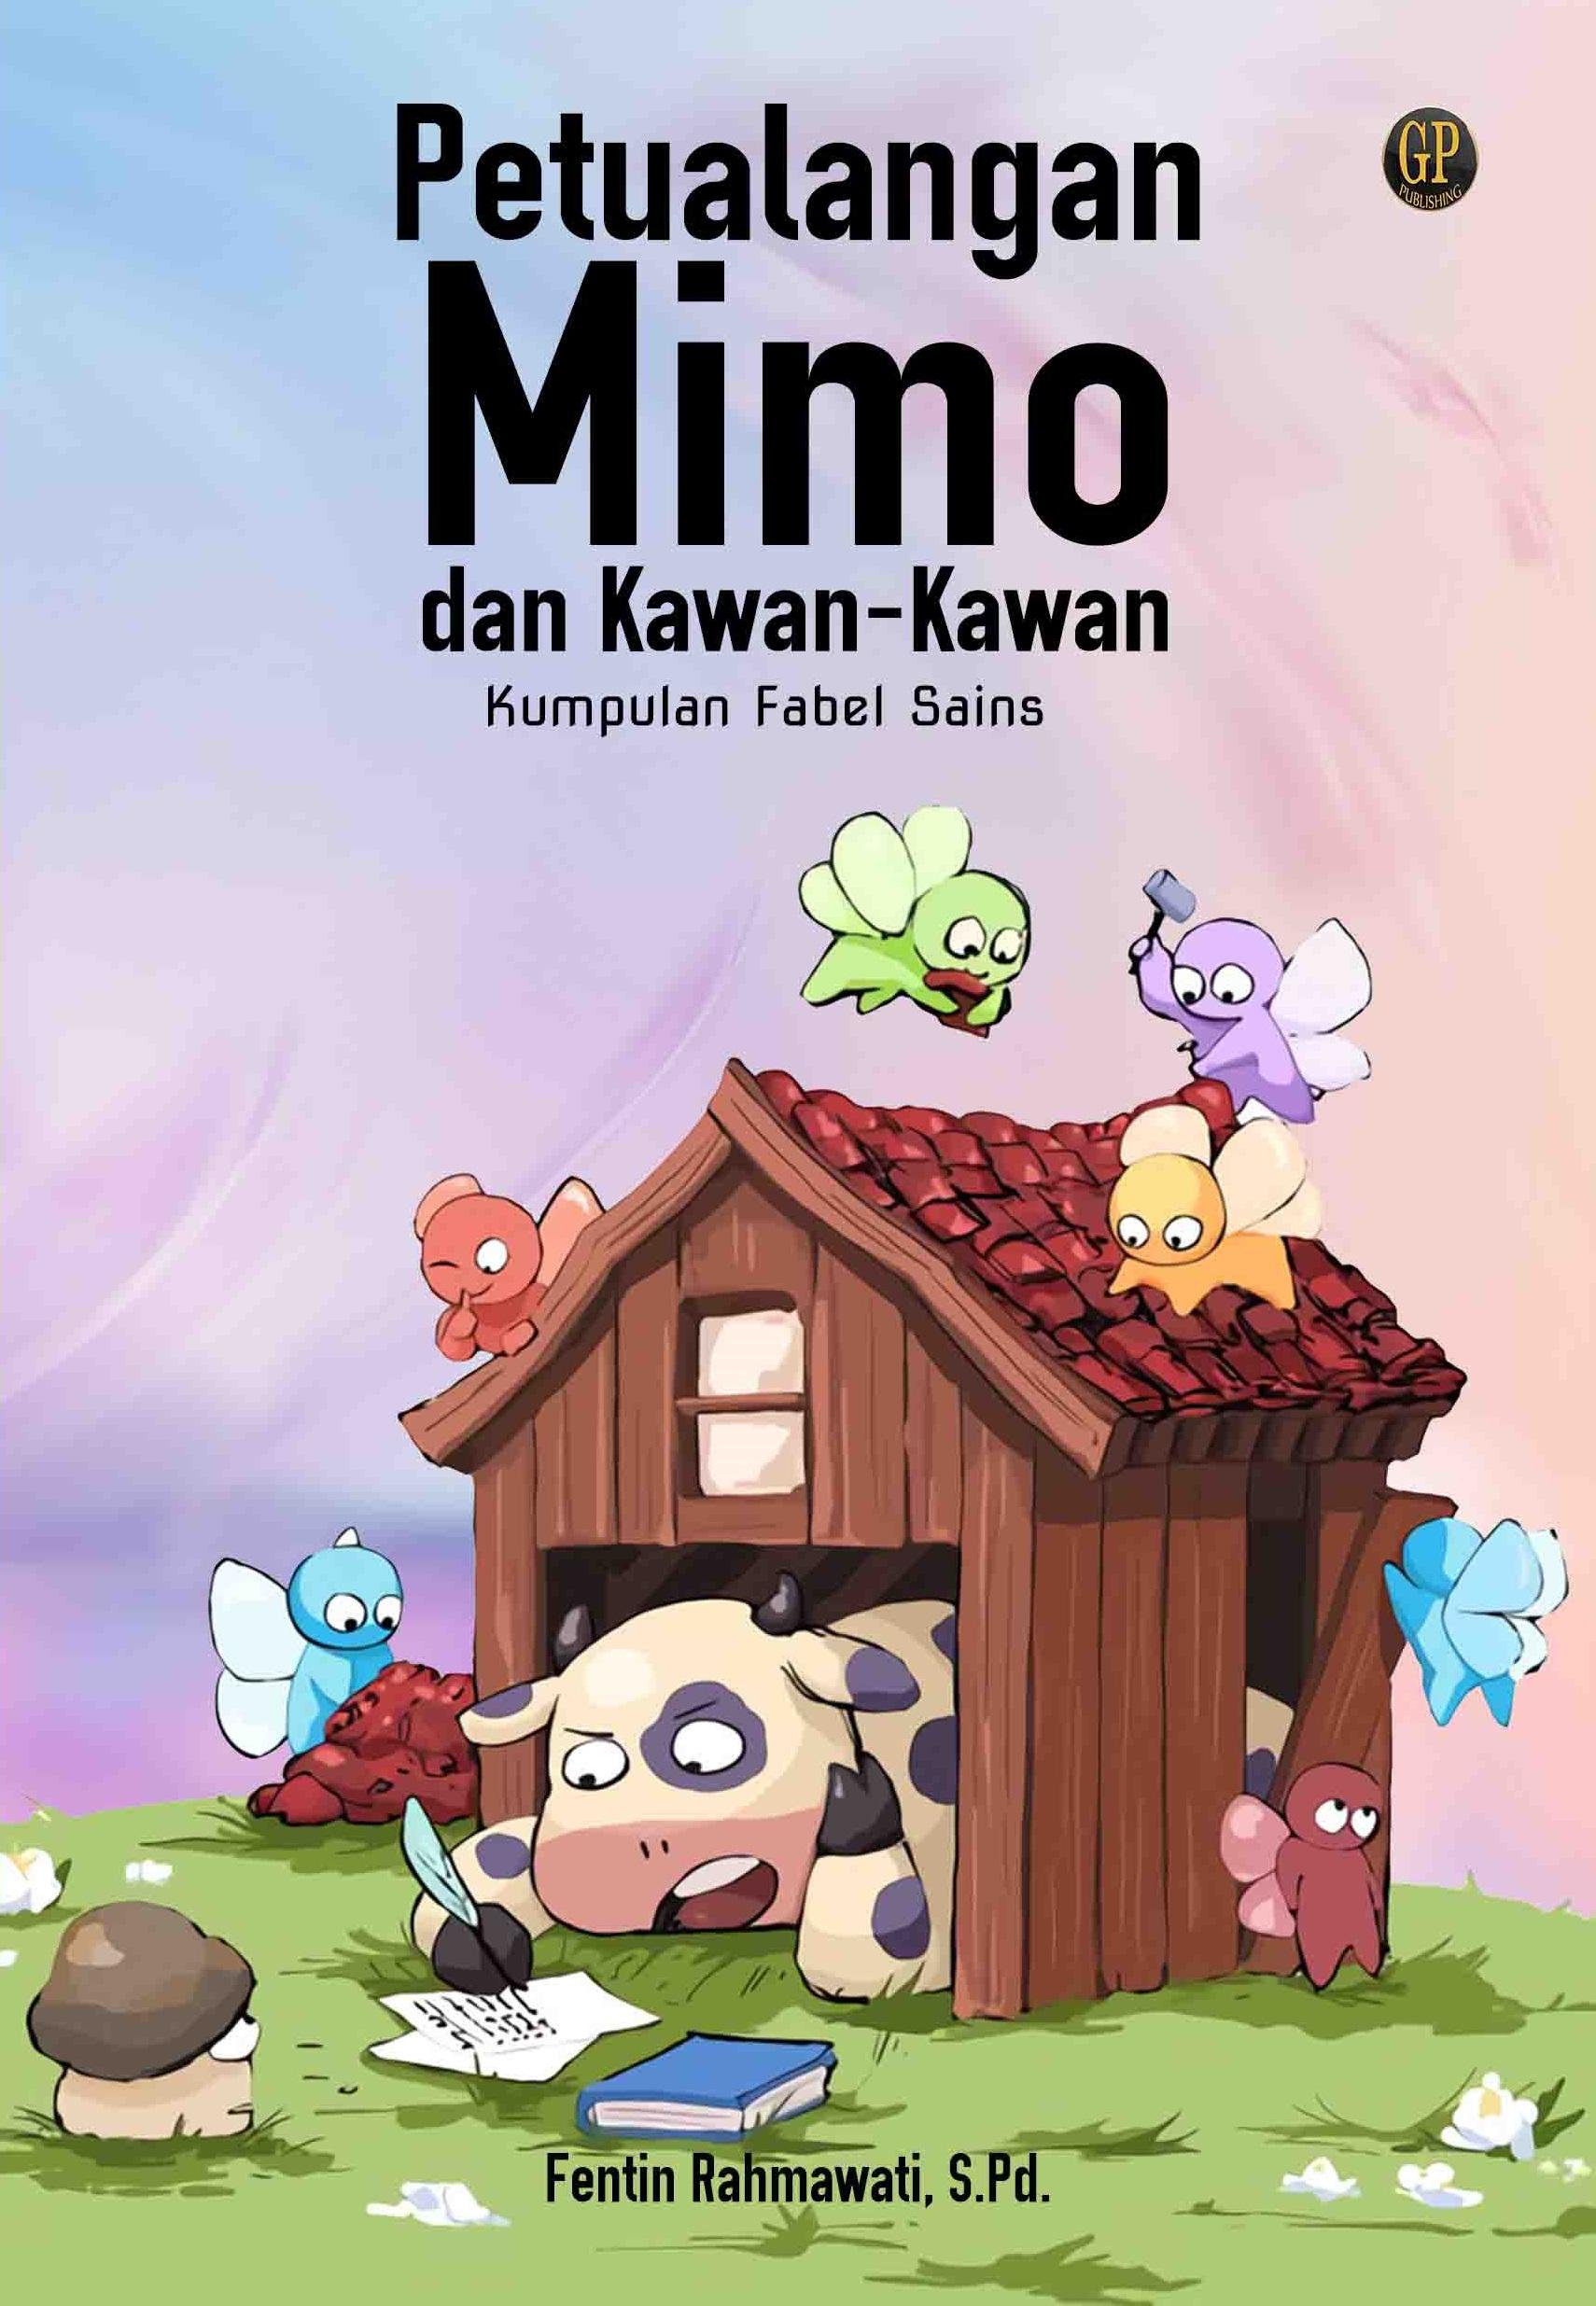 Petualangan Mimo dan kawan-kawan [sumber elektronis] : kumpulan fabel sains